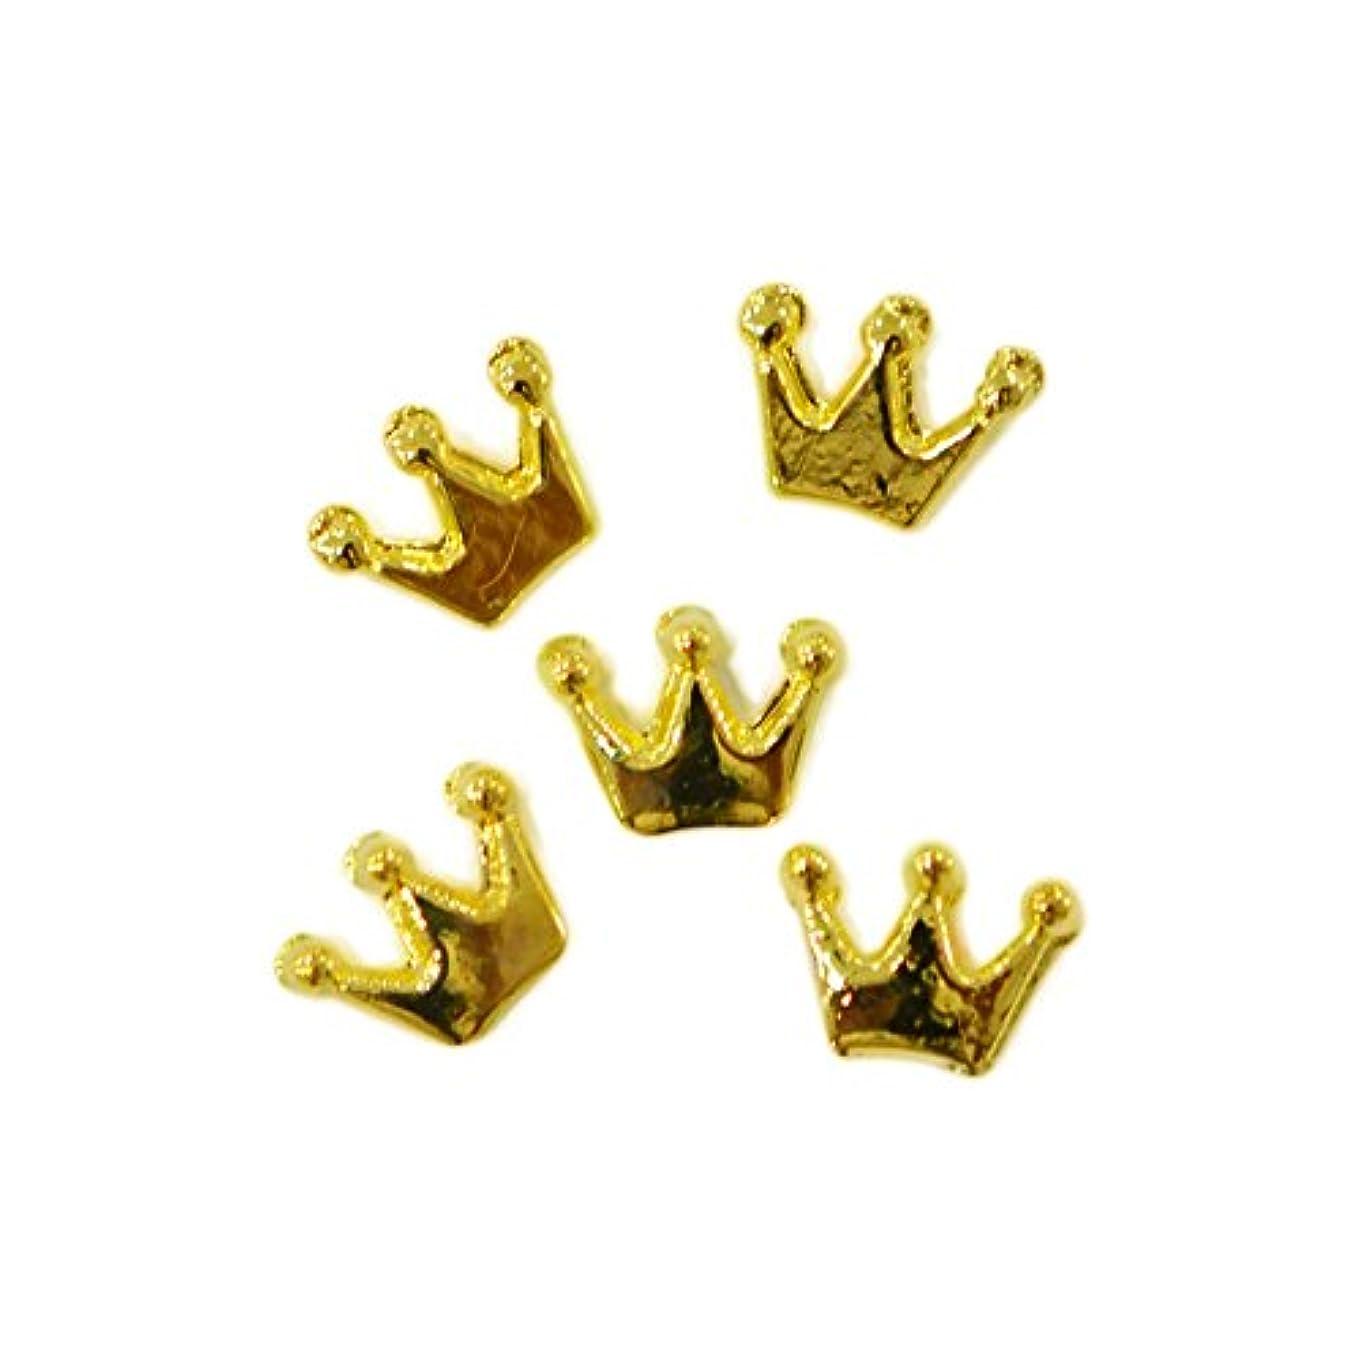 不正民兵崩壊メタルパーツ crown 6mm×4mm ゴールド 5個 MP10158 王冠